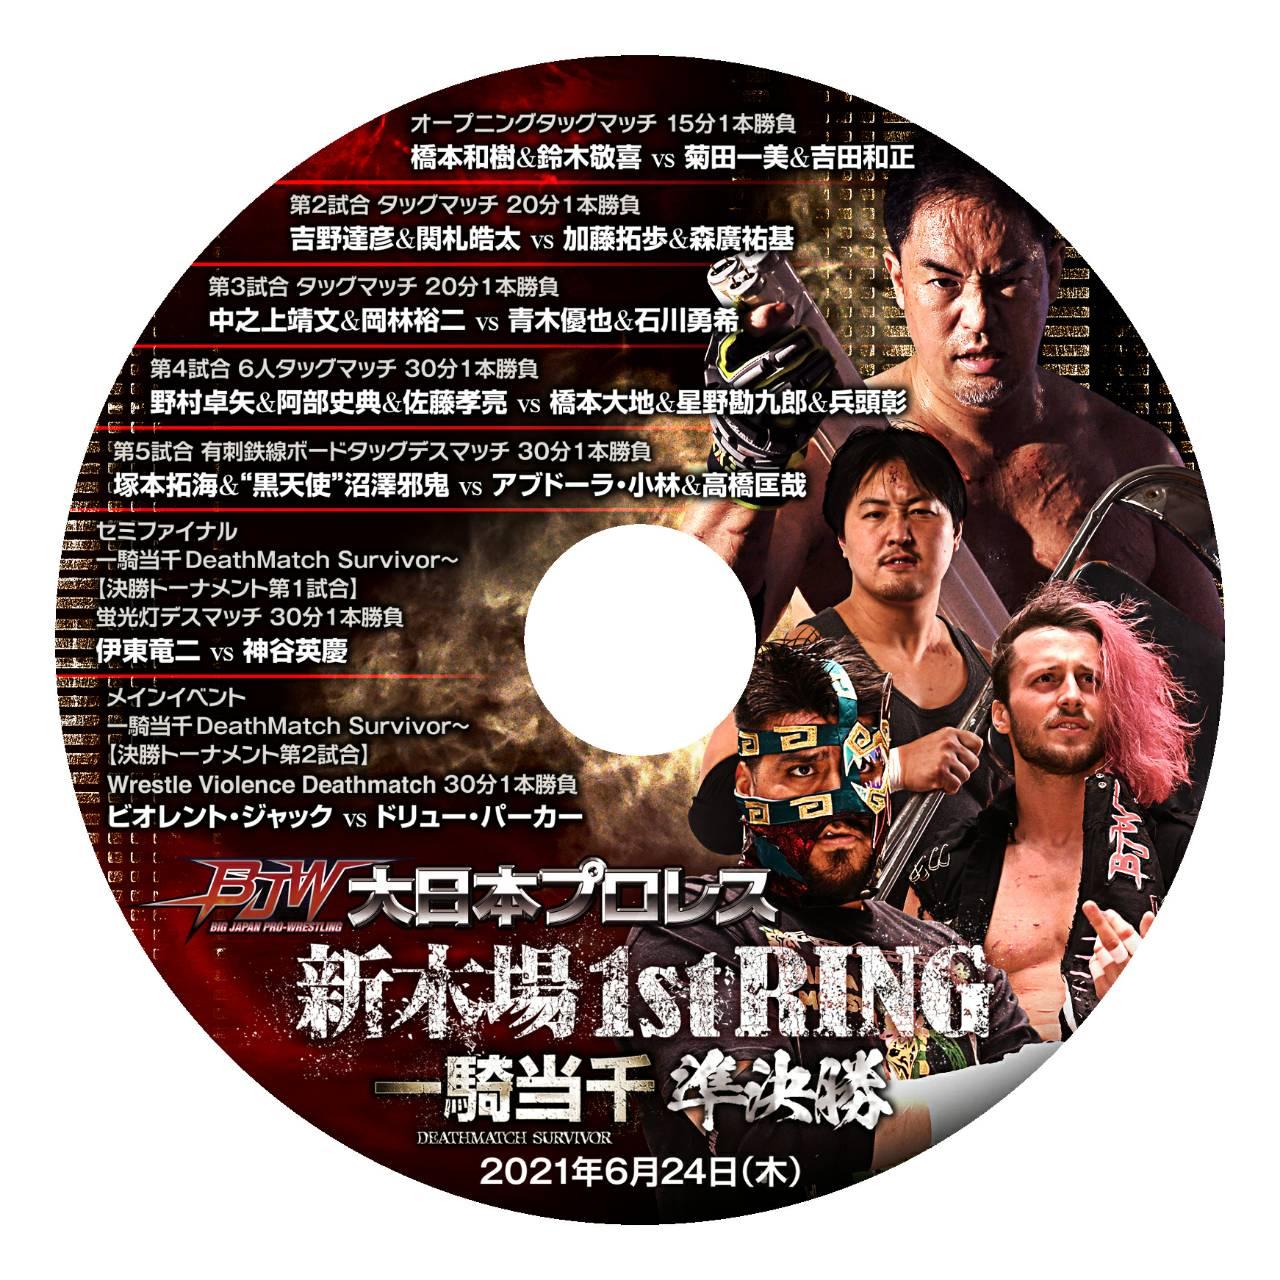 大日本プロレスDVD-Rシリーズ「一騎当千DeathMatch Survivor2021 準決勝~2021年6月24日新木場1stリング大会」